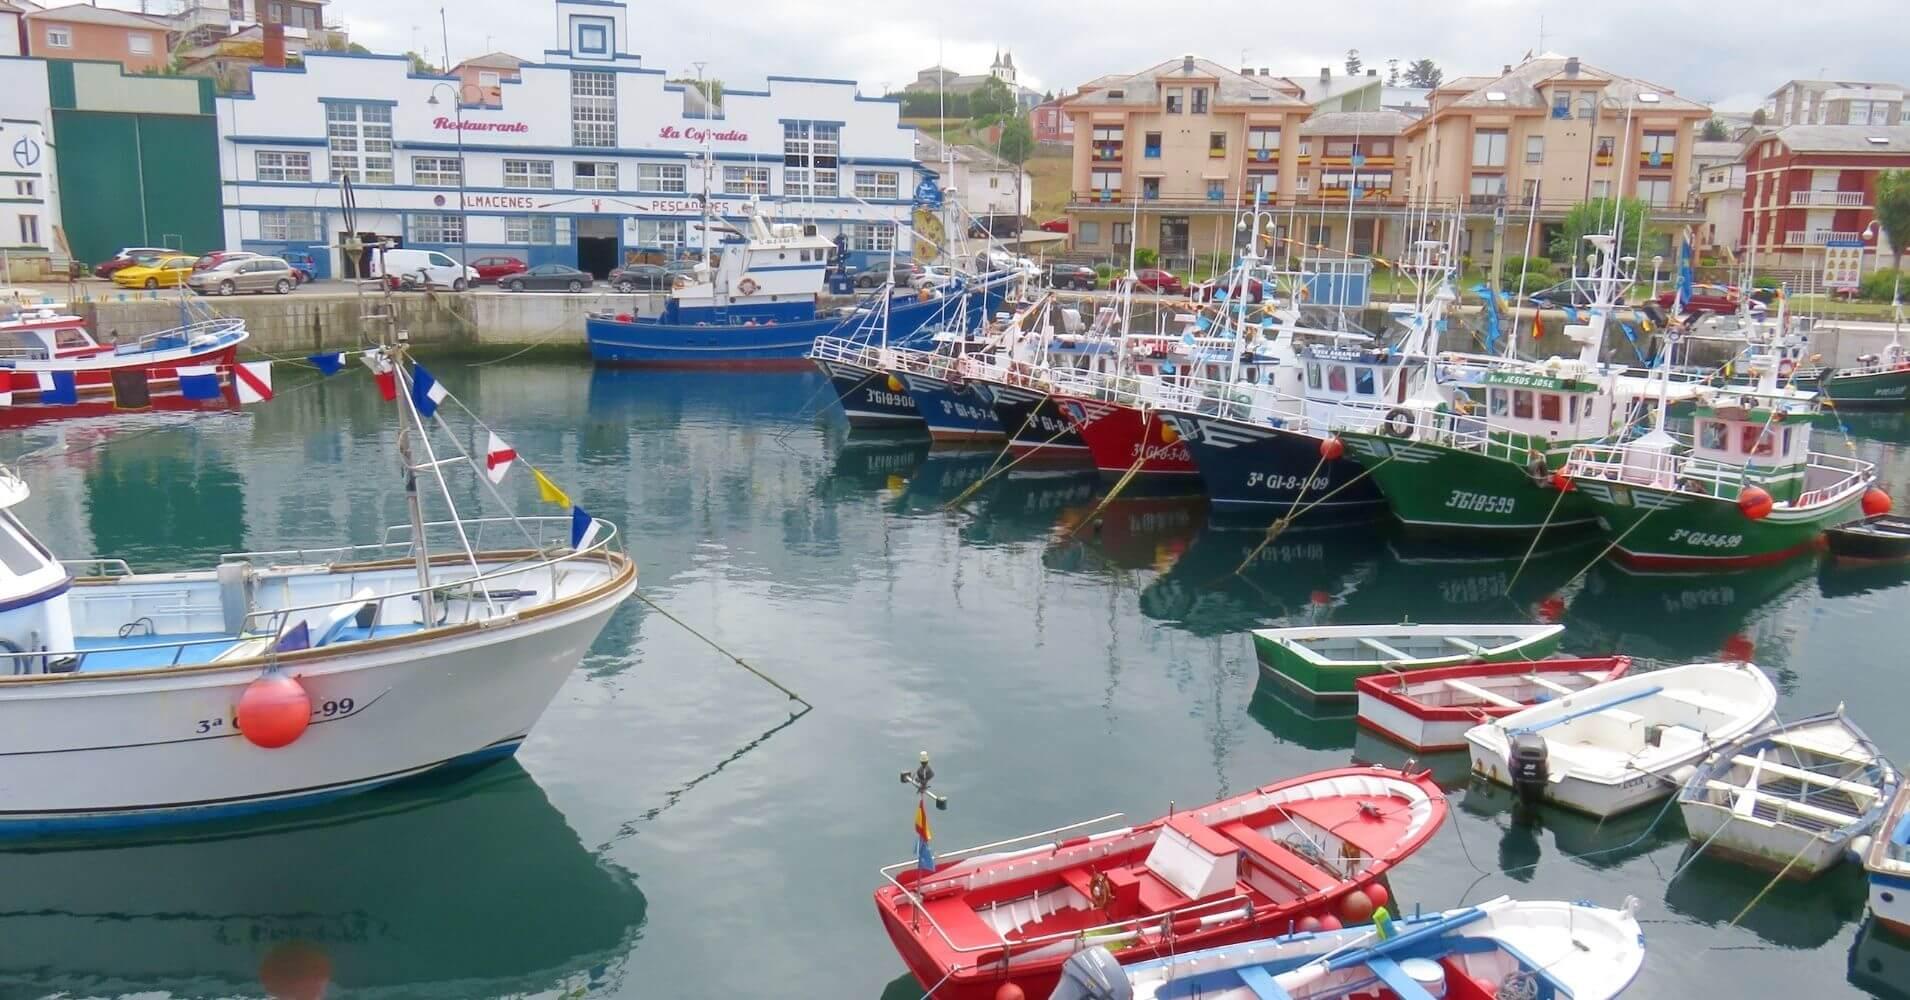 Viajar a España. Puerto de Vega. Asturias.